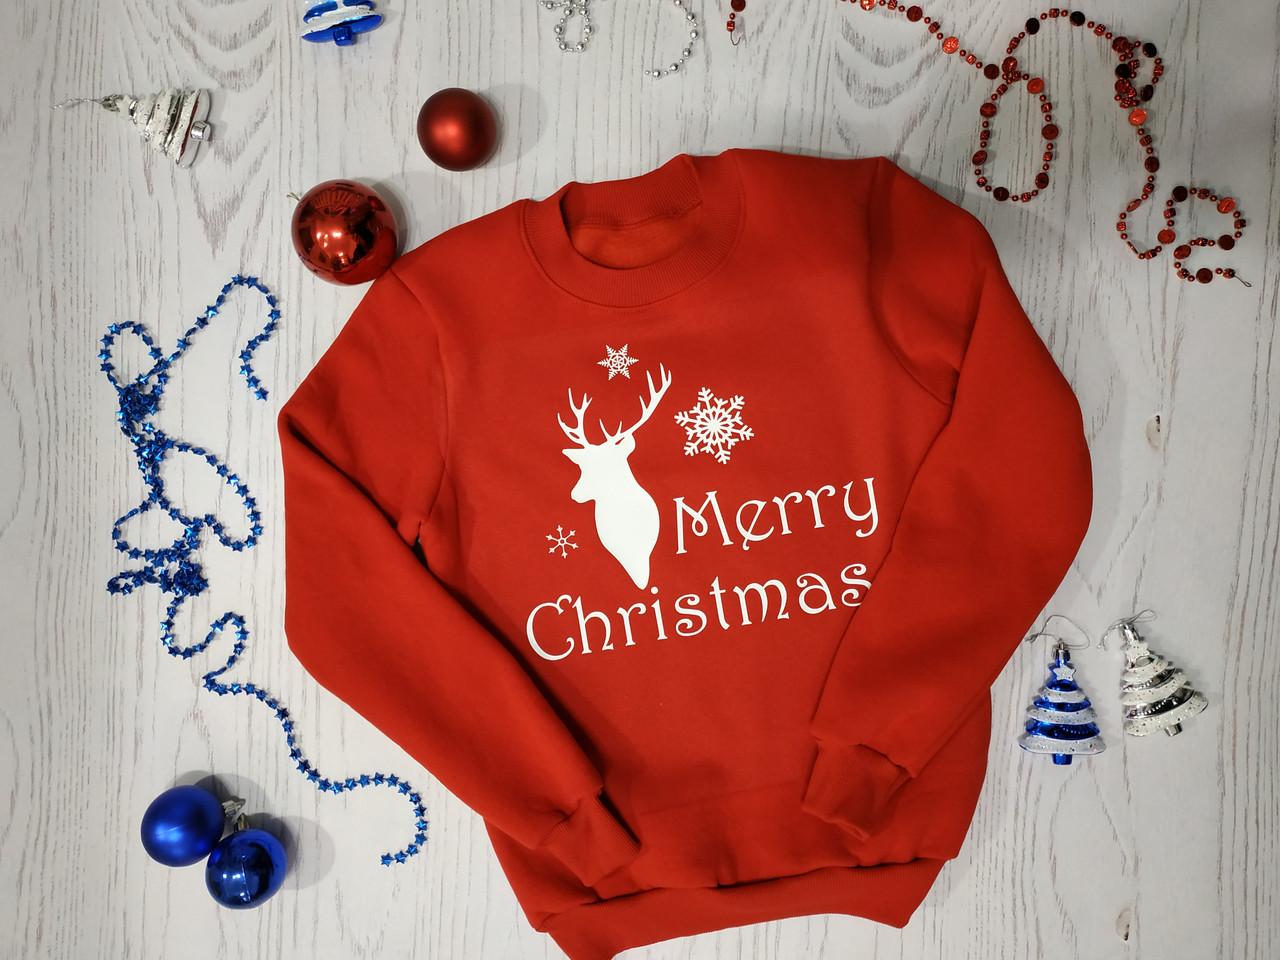 Свитшот новогодний с оленями  цвета  и размеры женский детский мужской mery christmas